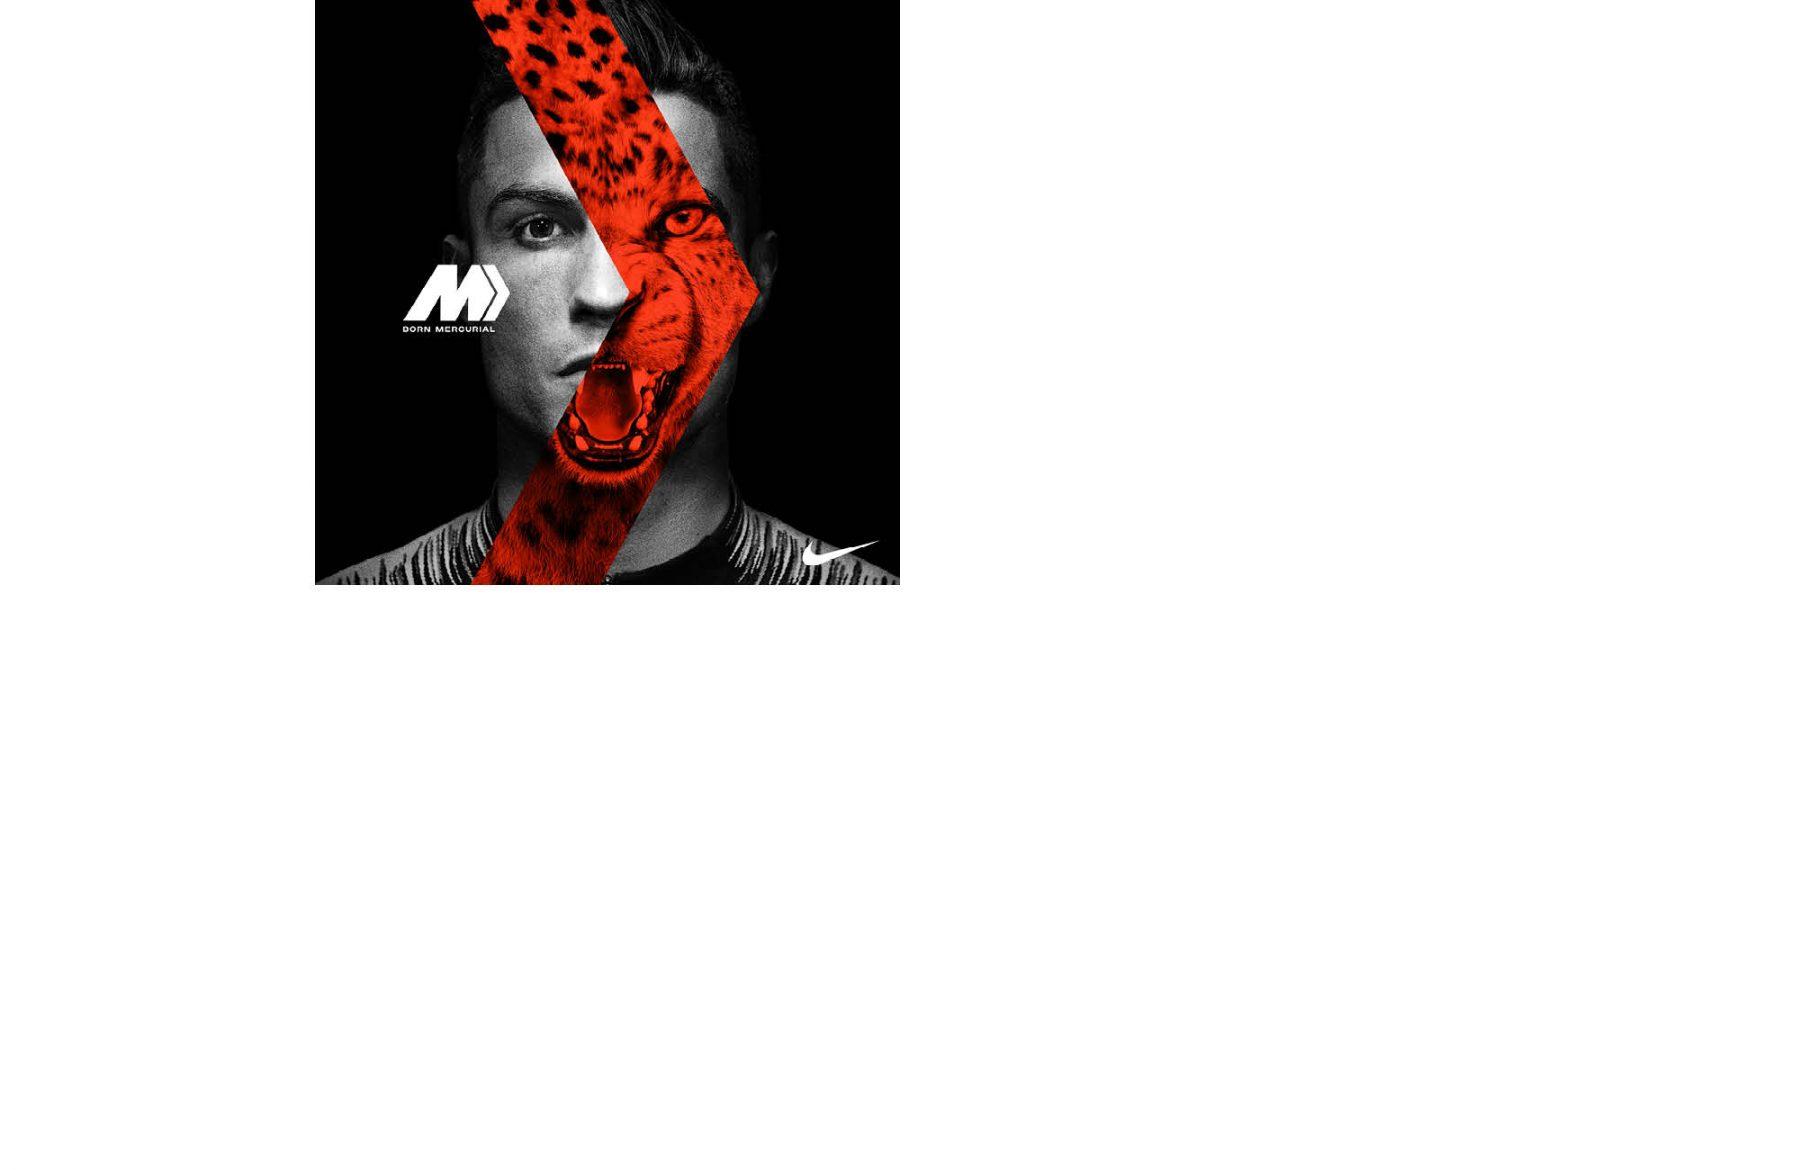 Nike – Born Merc - 1 of 4